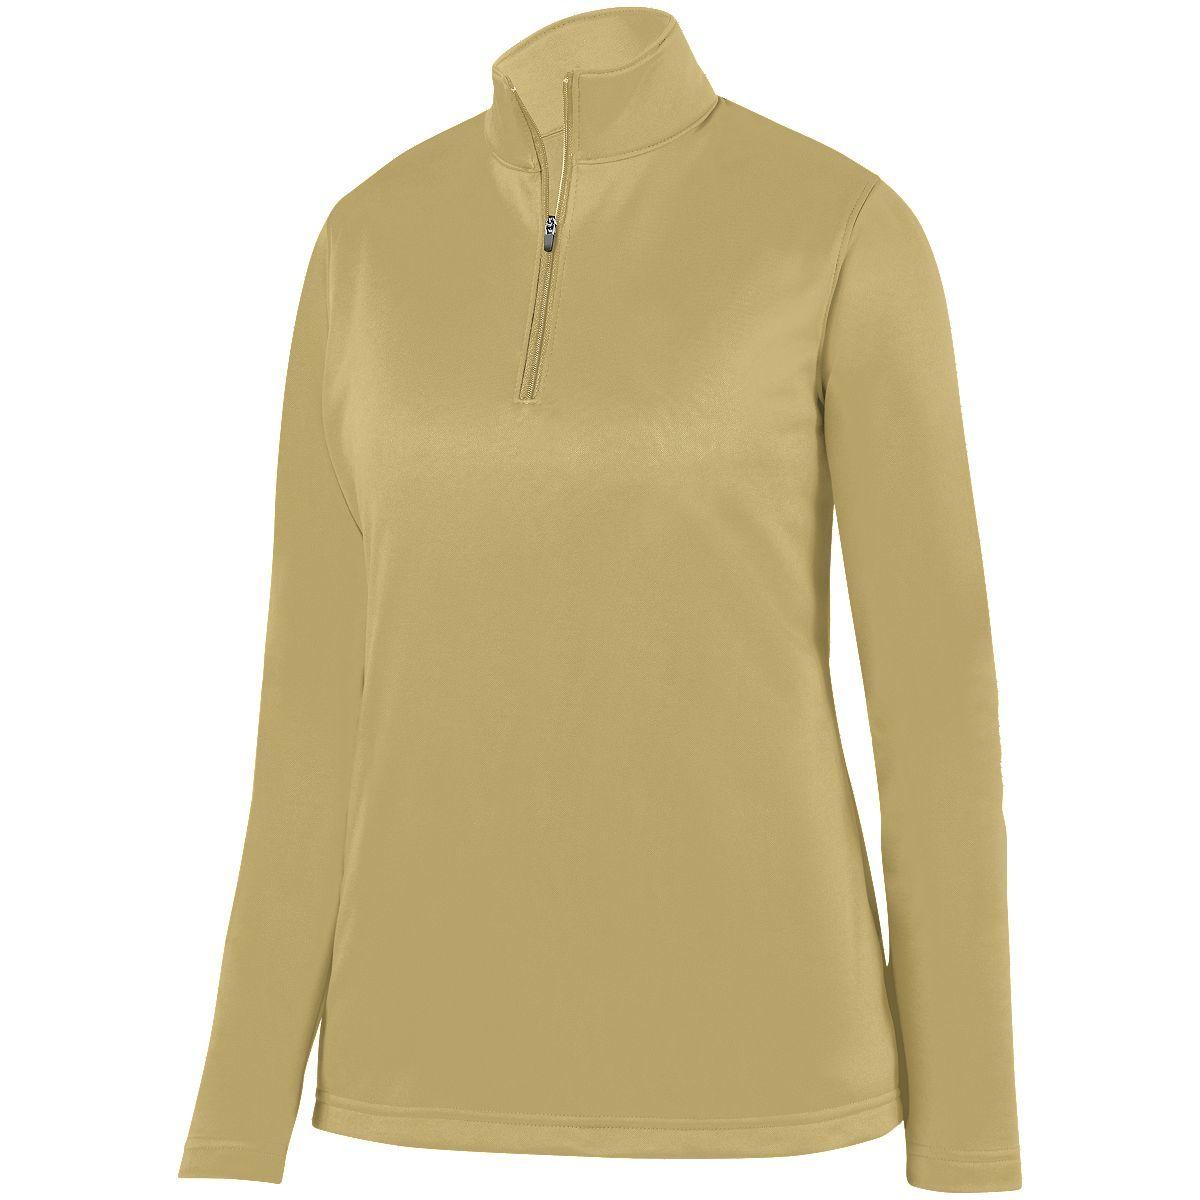 Ladies Wicking Fleece Pullover - VEGAS GOLD